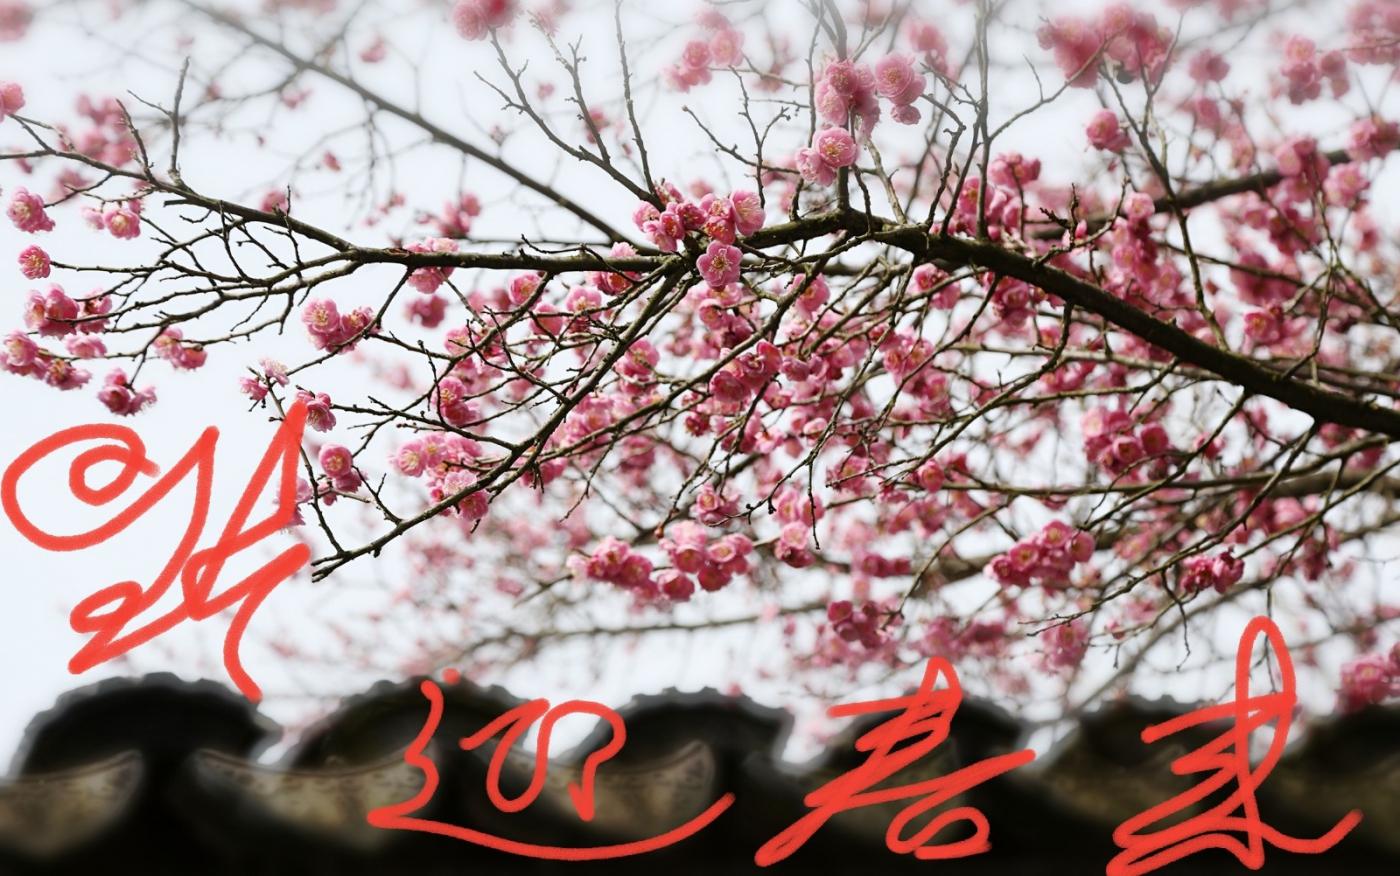 [田螺摄影]把祝福写进花开里 新年好!_图1-10